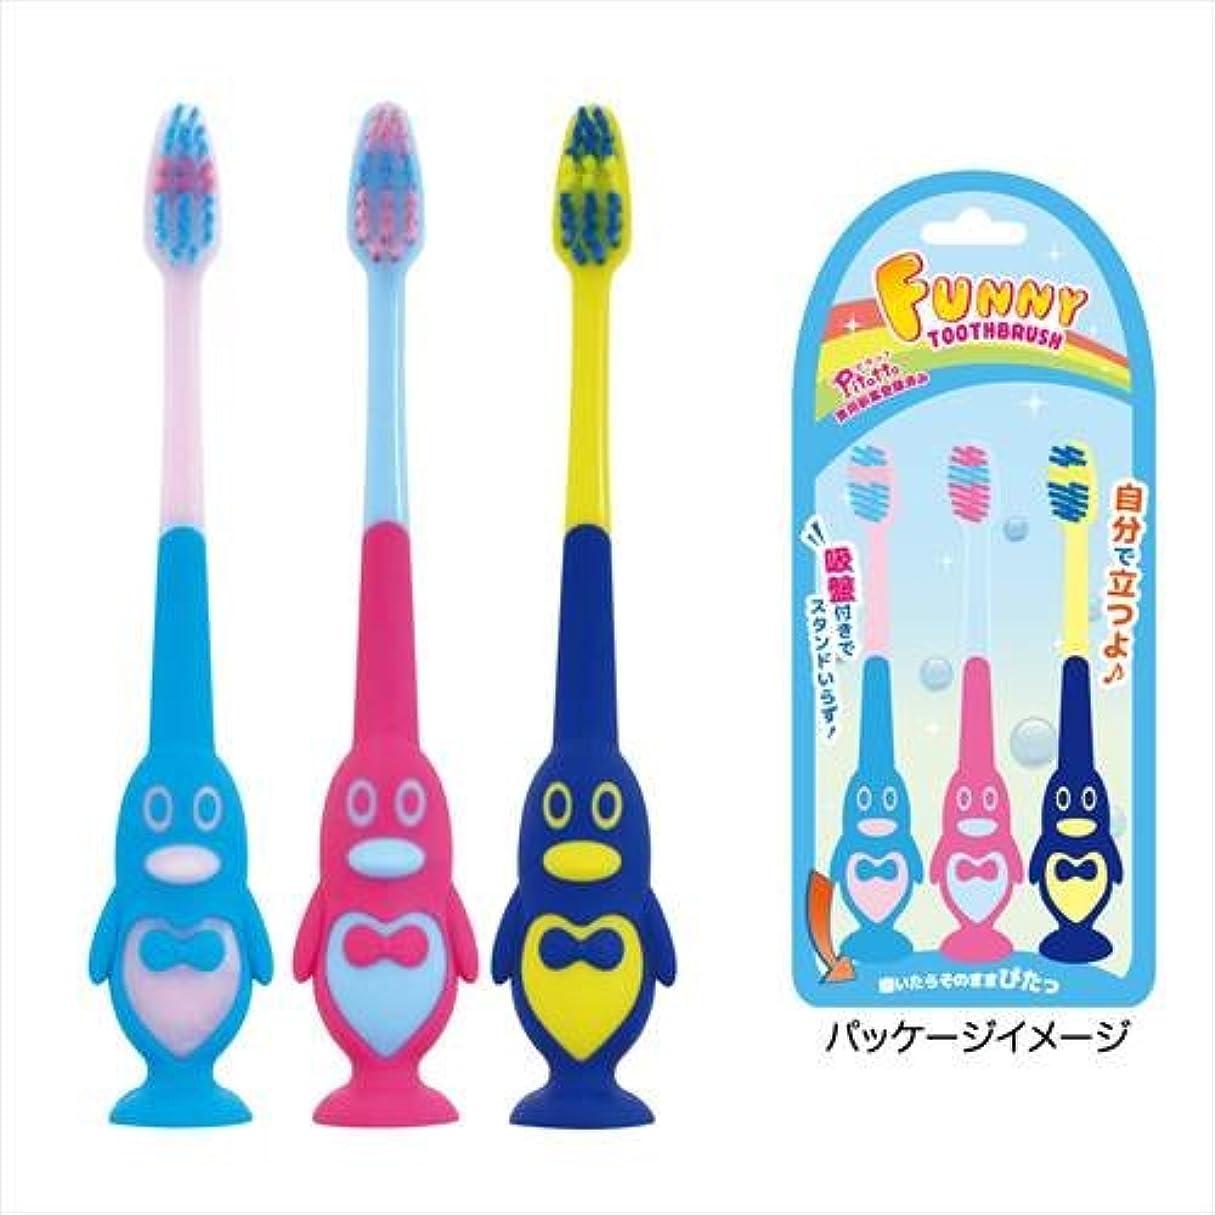 マラドロイト膨張する発表[歯ブラシ] 吸盤付き歯ブラシ 3本セット/ペンギン ユーカンパニー かわいい 洗面用具 グッズ 通販